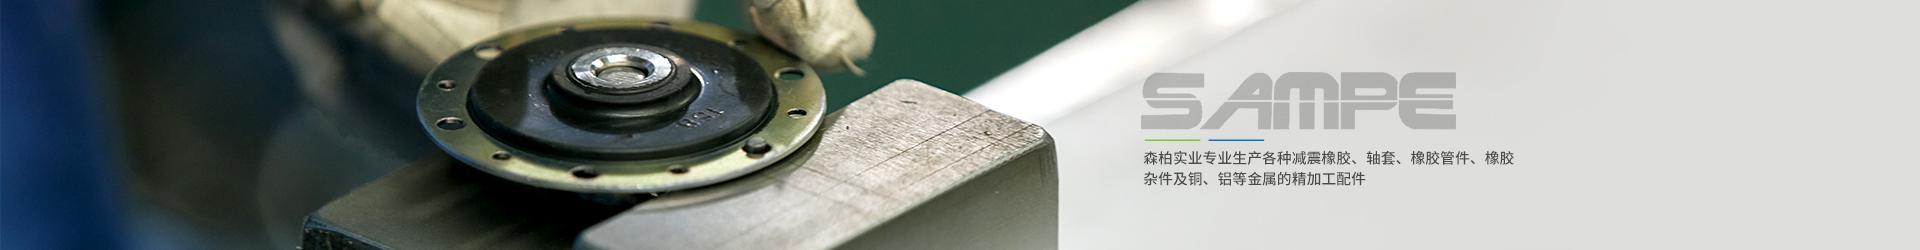 橡胶件生产厂家